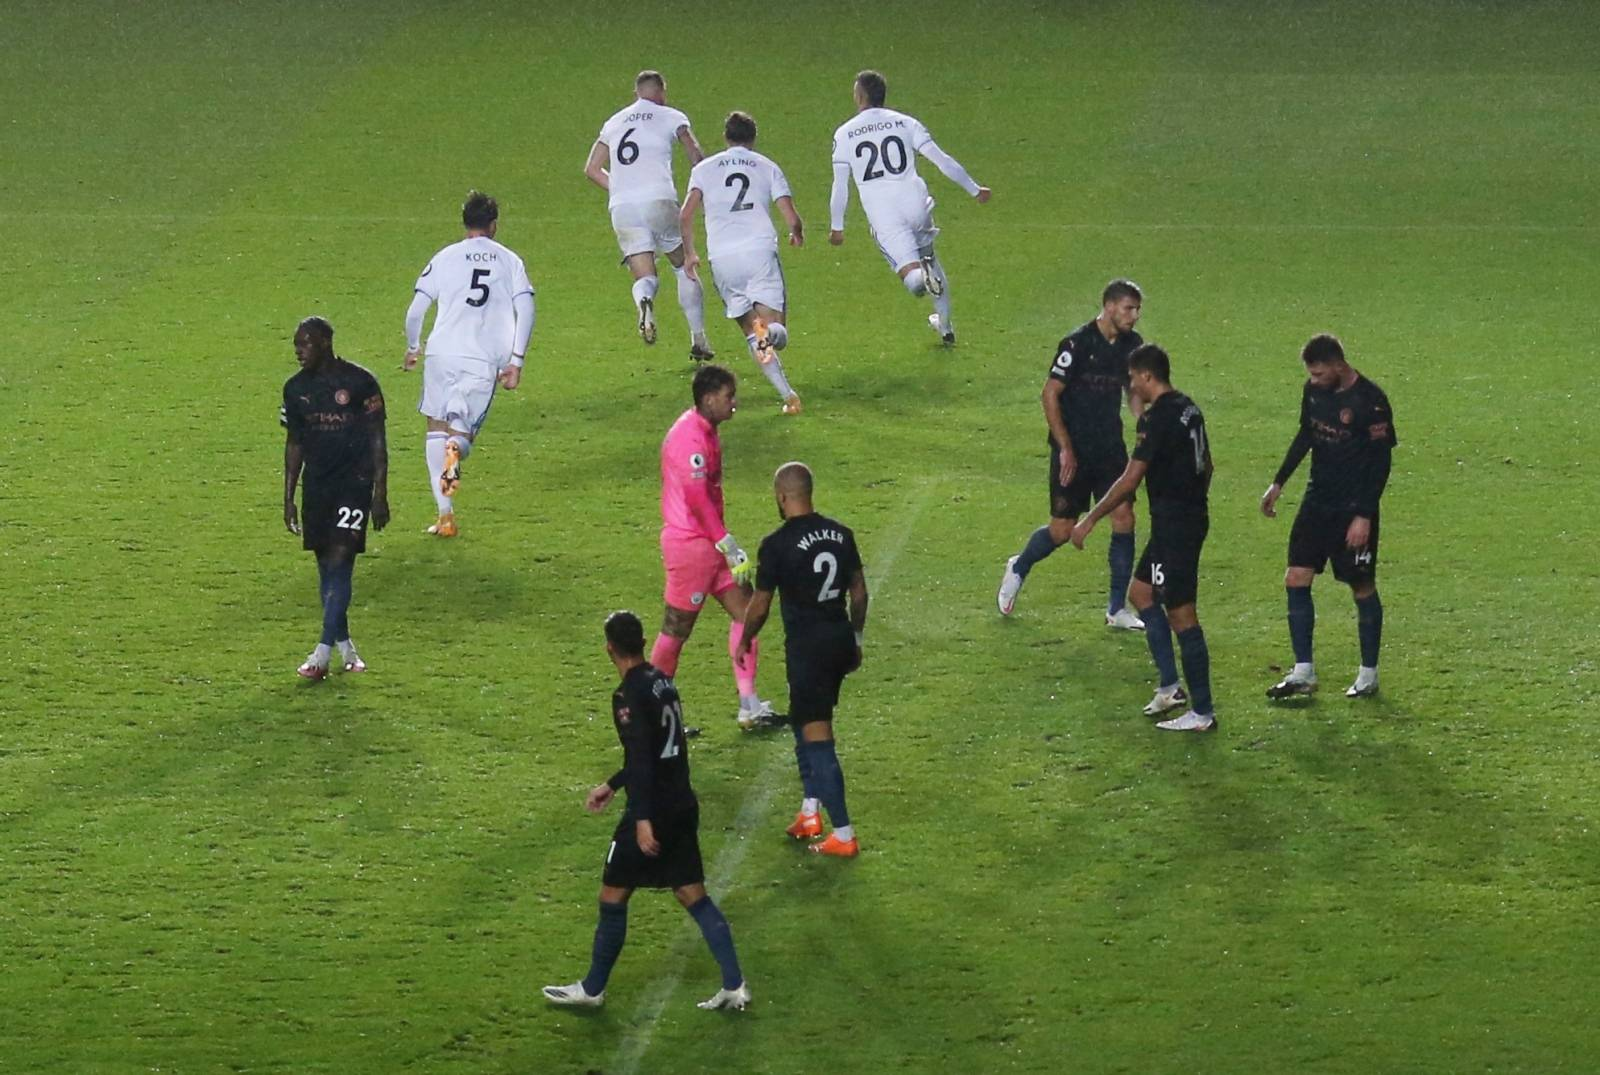 Premier League - Leeds United v Manchester City